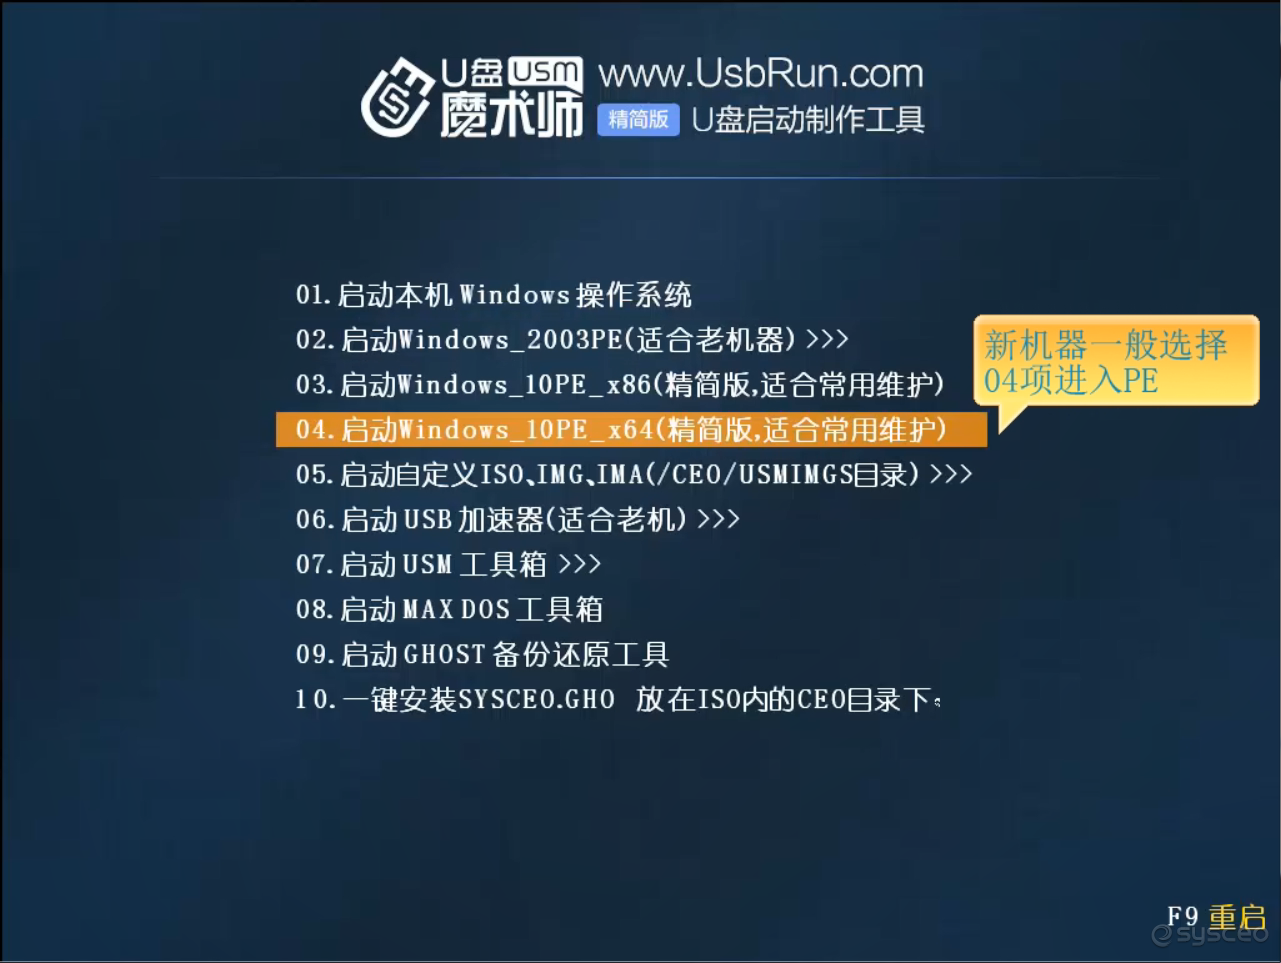 04.启动windows_10PE_x64(精简版,适合常用维护)